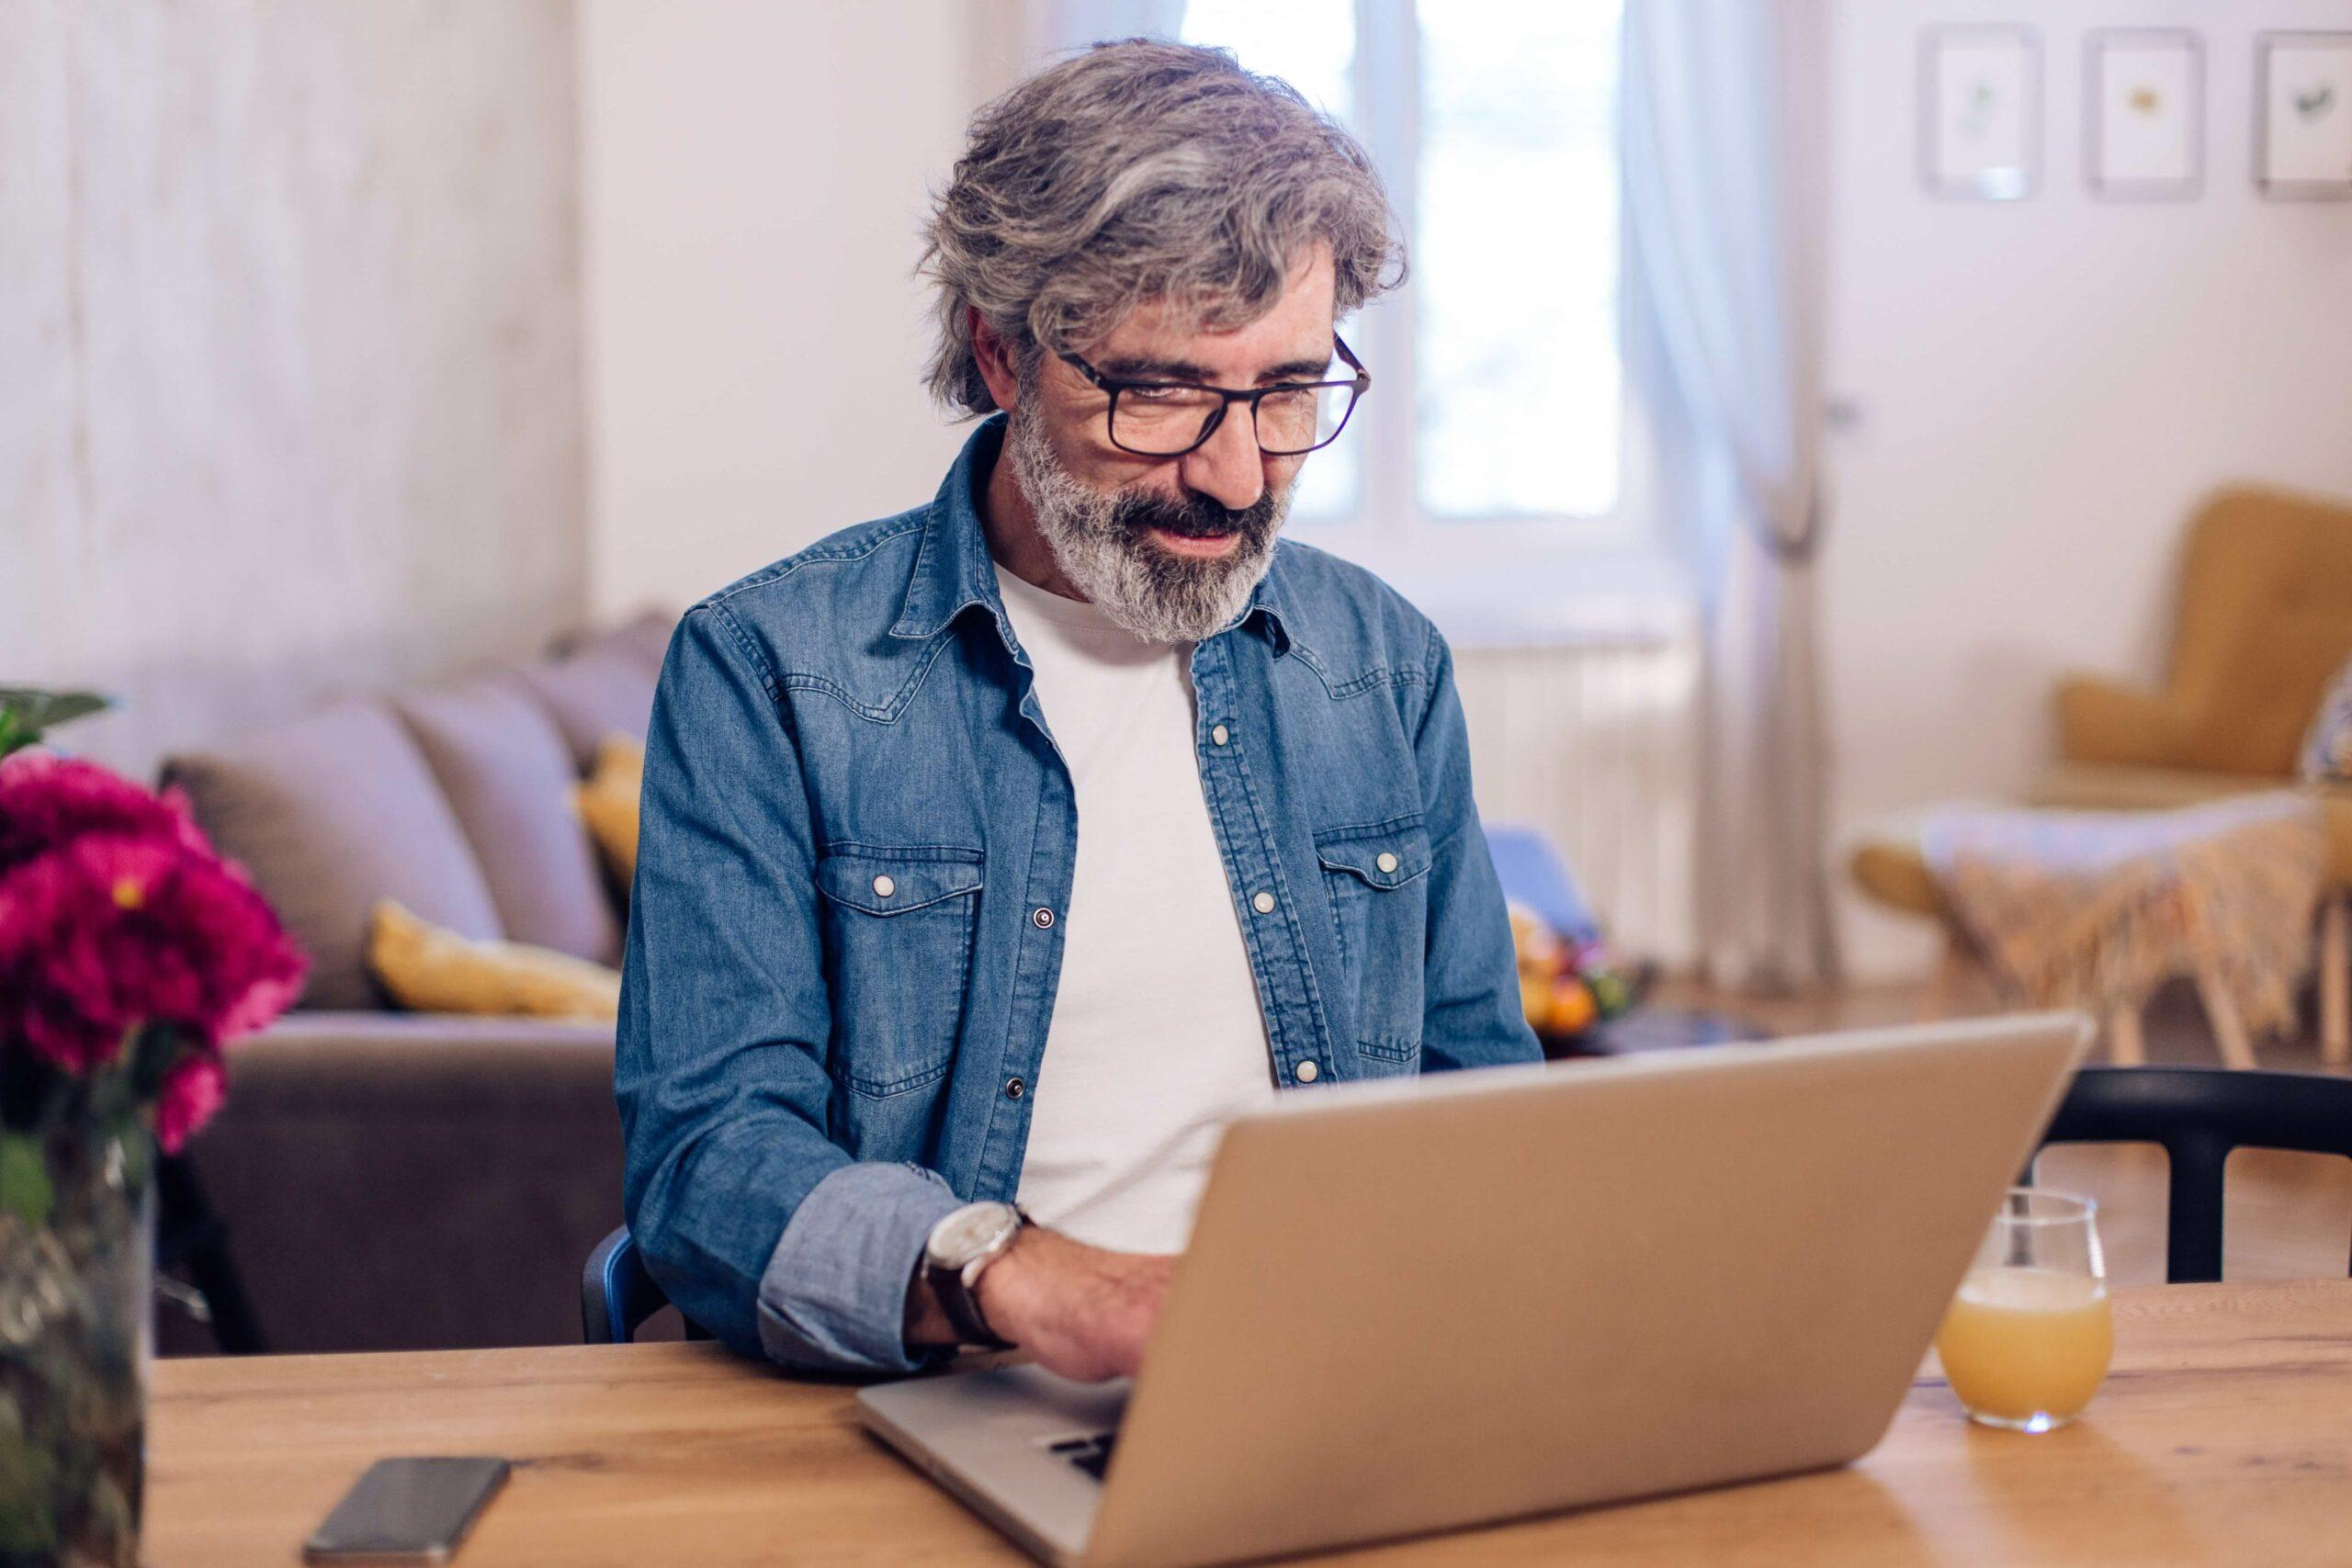 Vente en ligne : comment repérer les arnaques ?